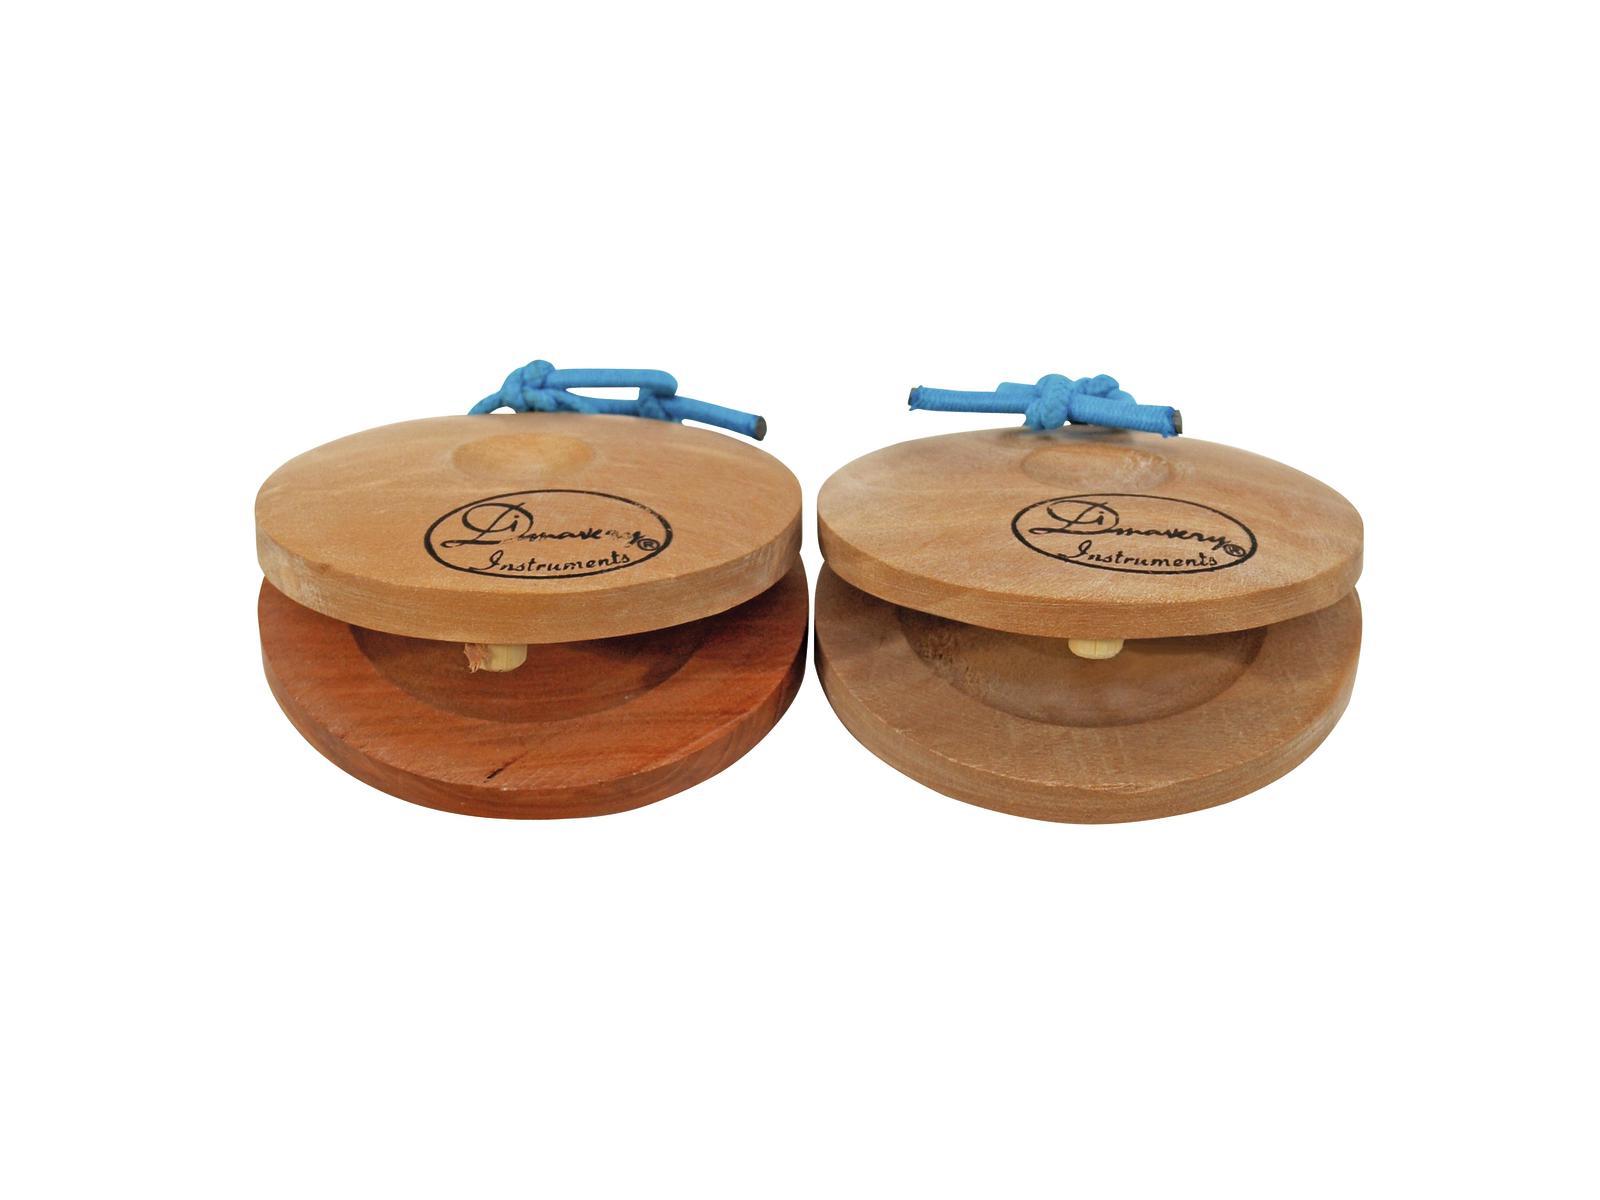 Nacchere a coppia, in legno marrone chiaro 2x DIMAVERY